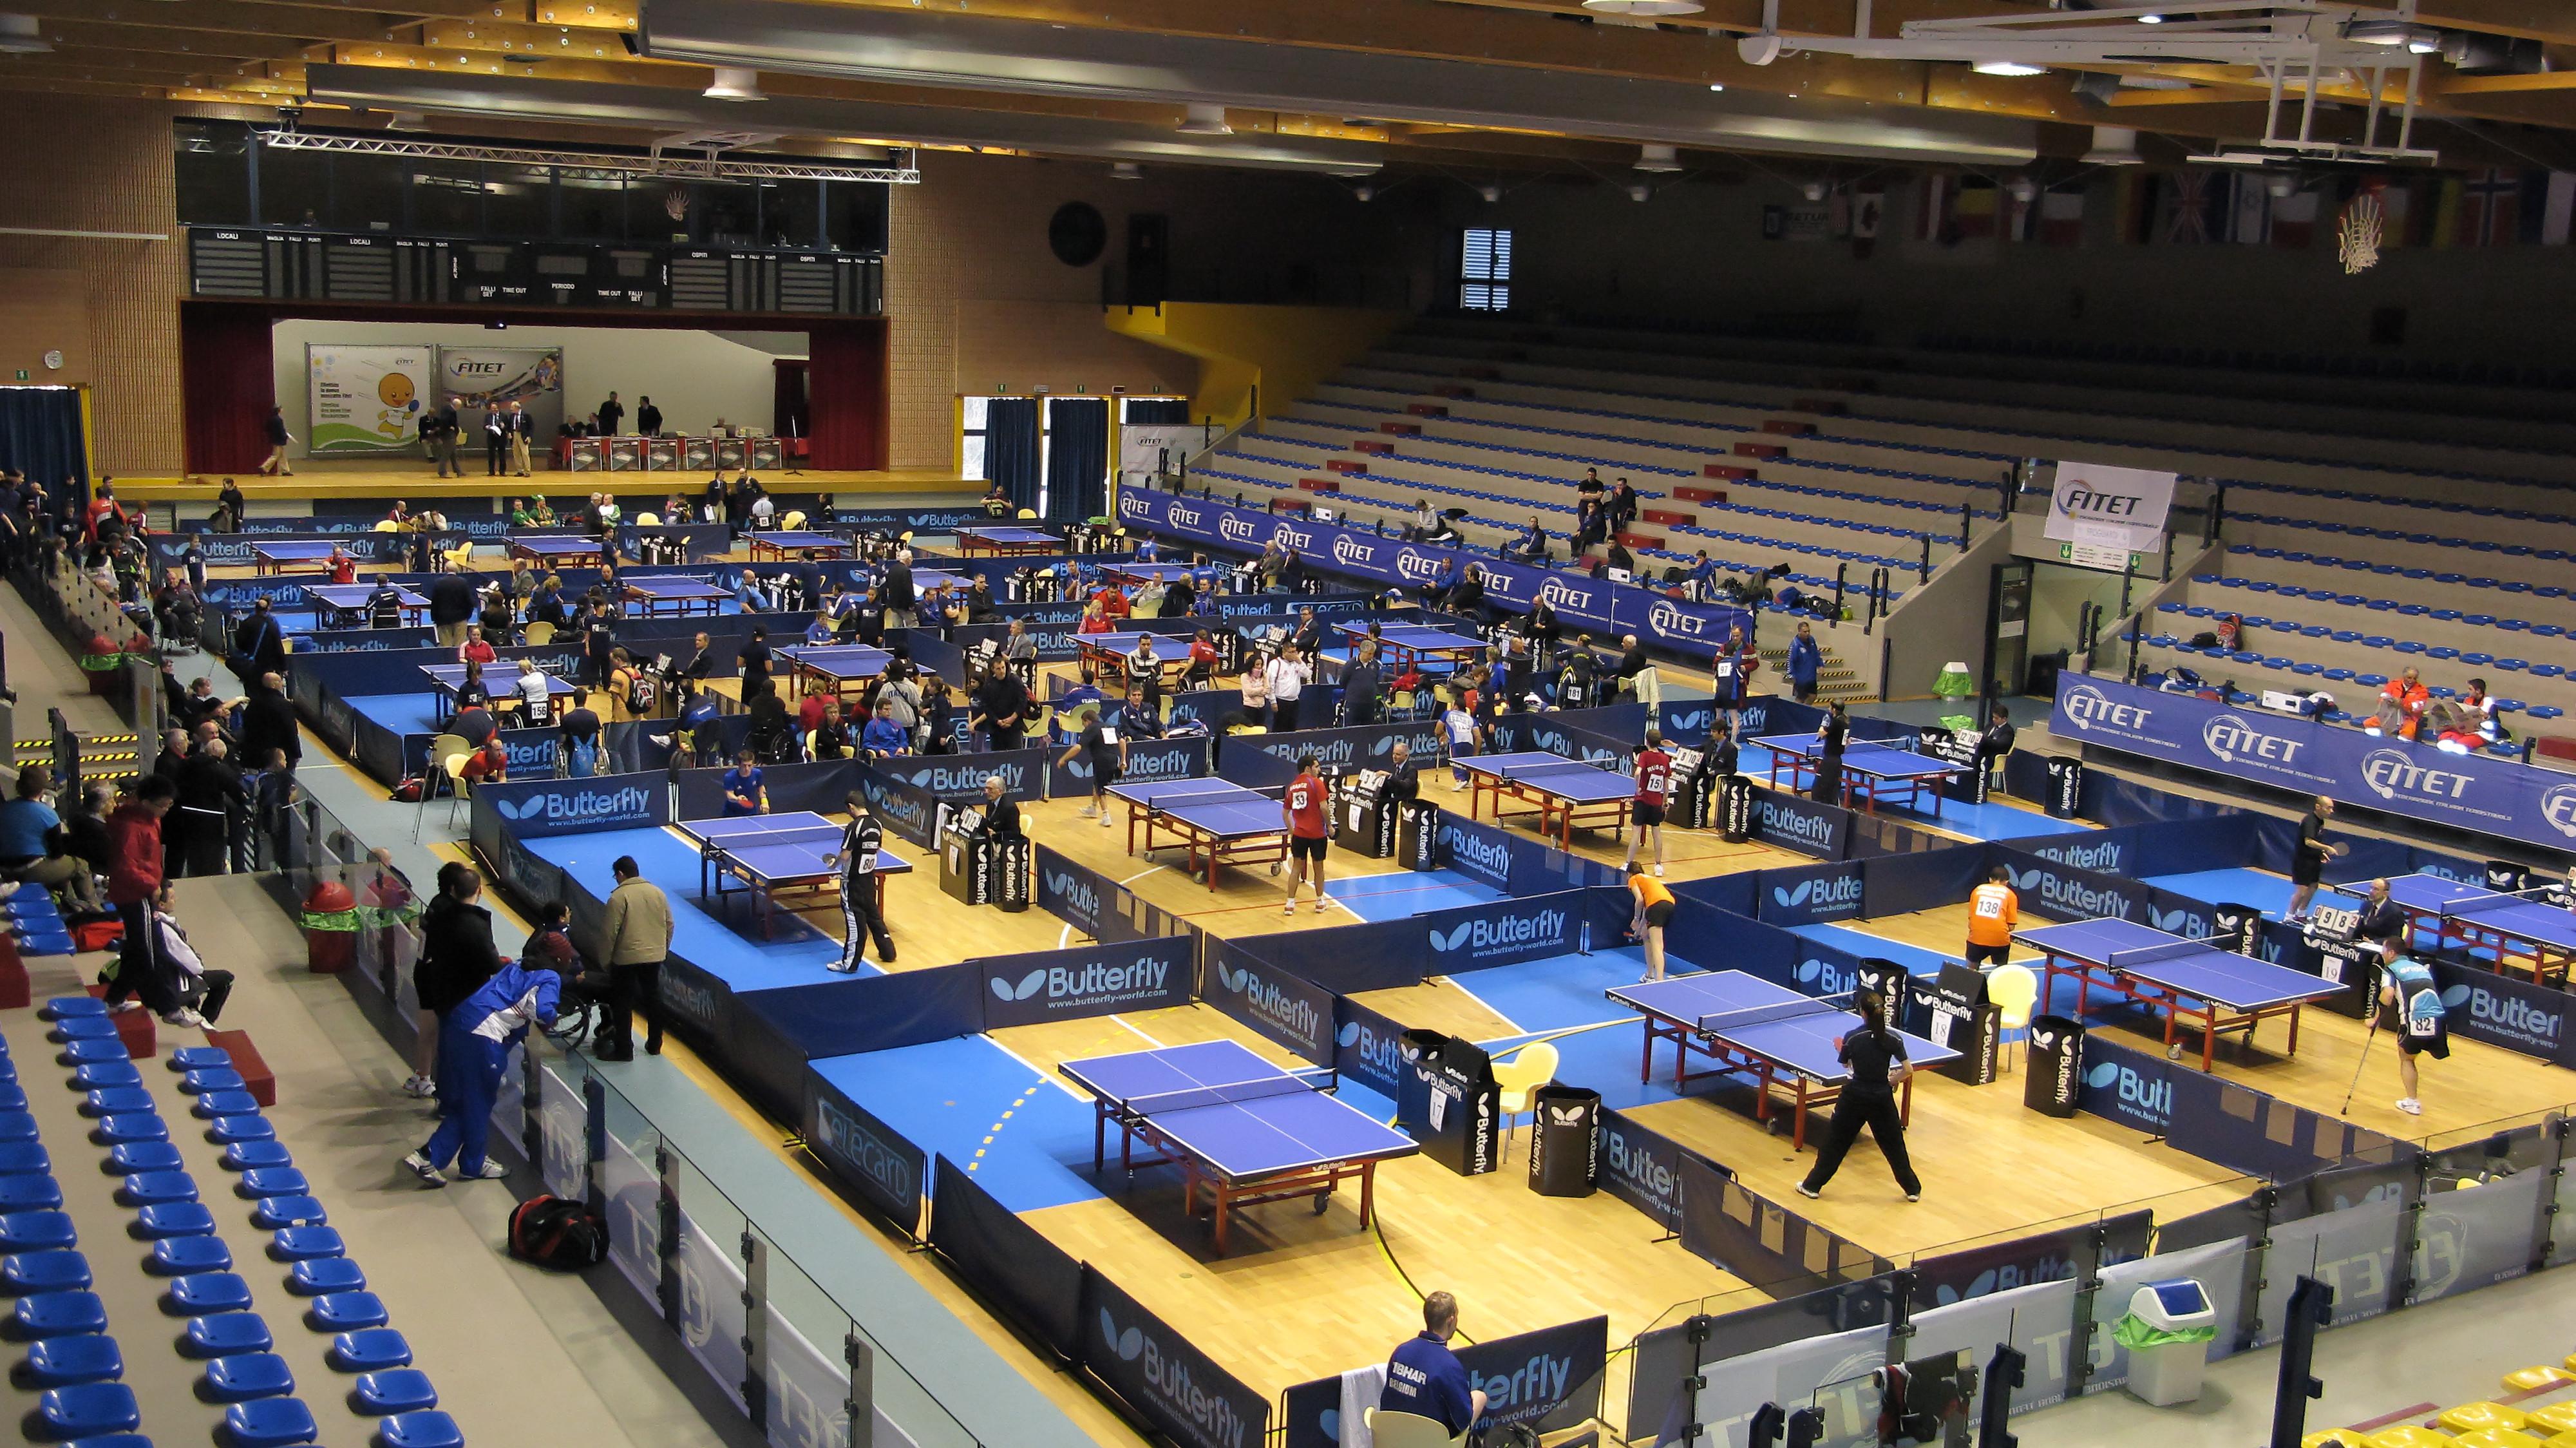 Россияне приняли участие в международных стартах по настольному теннису среди спортсменов с поражением опорно-двигательного аппарата в Италии